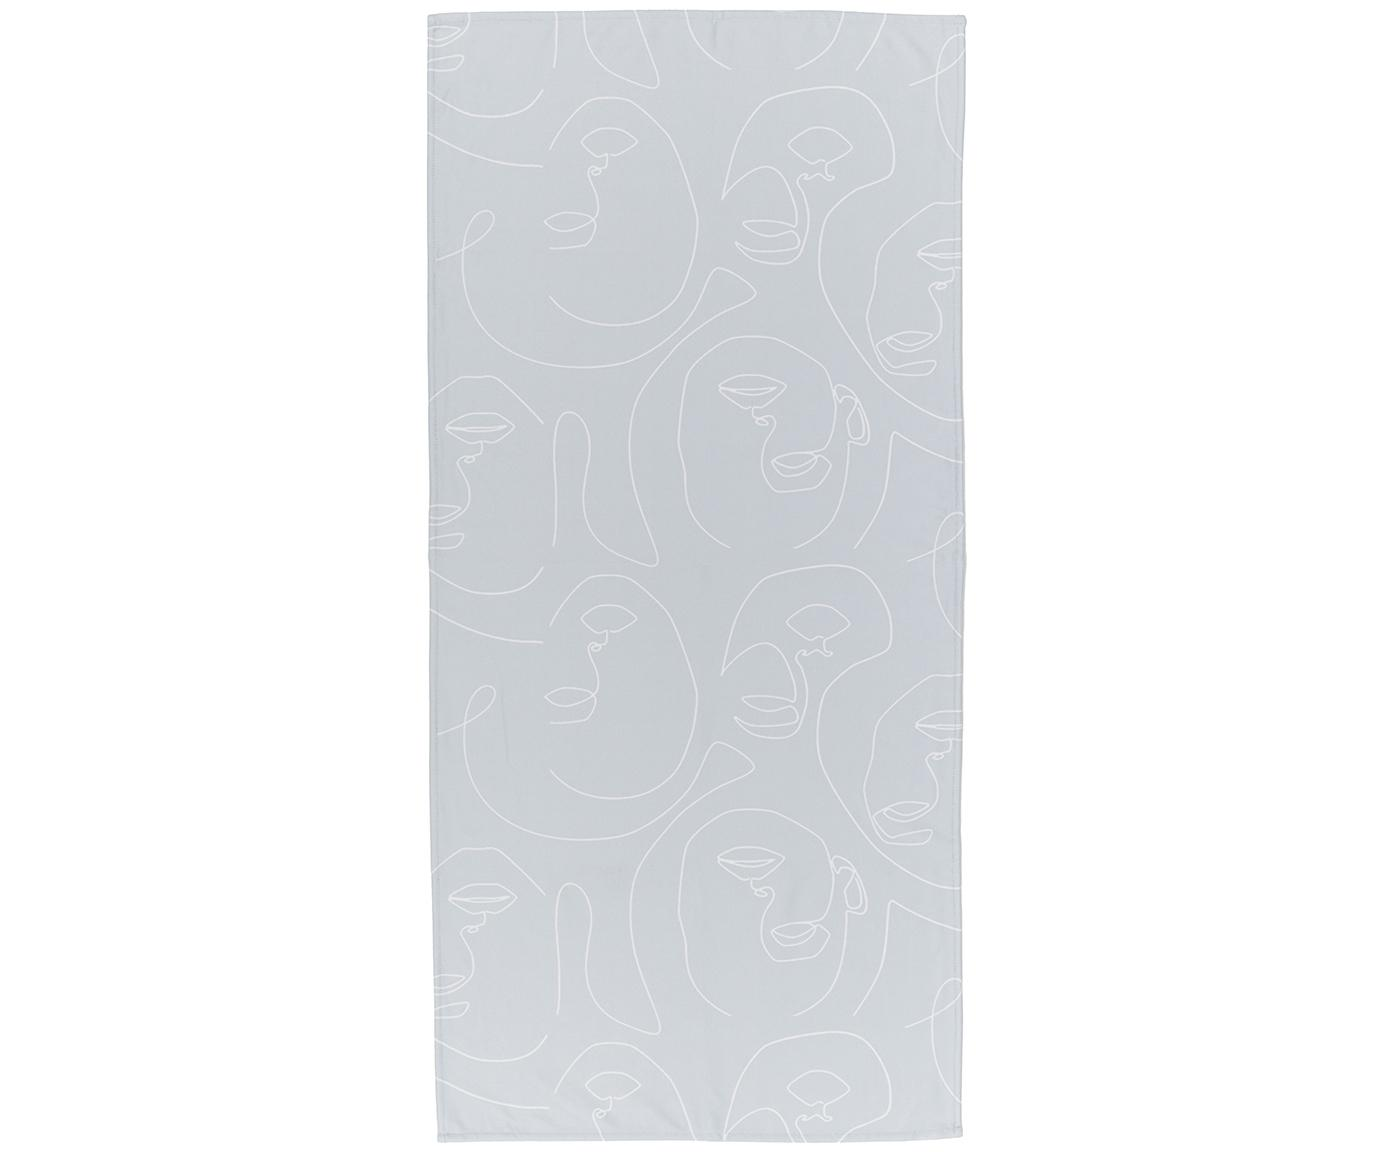 Telo mare leggero con disegno astratto Faces, 55% poliestere, 45% cotone, qualità molto leggera 340 g/m², Grigio, bianco, Larg. 70 x Lung. 150 cm